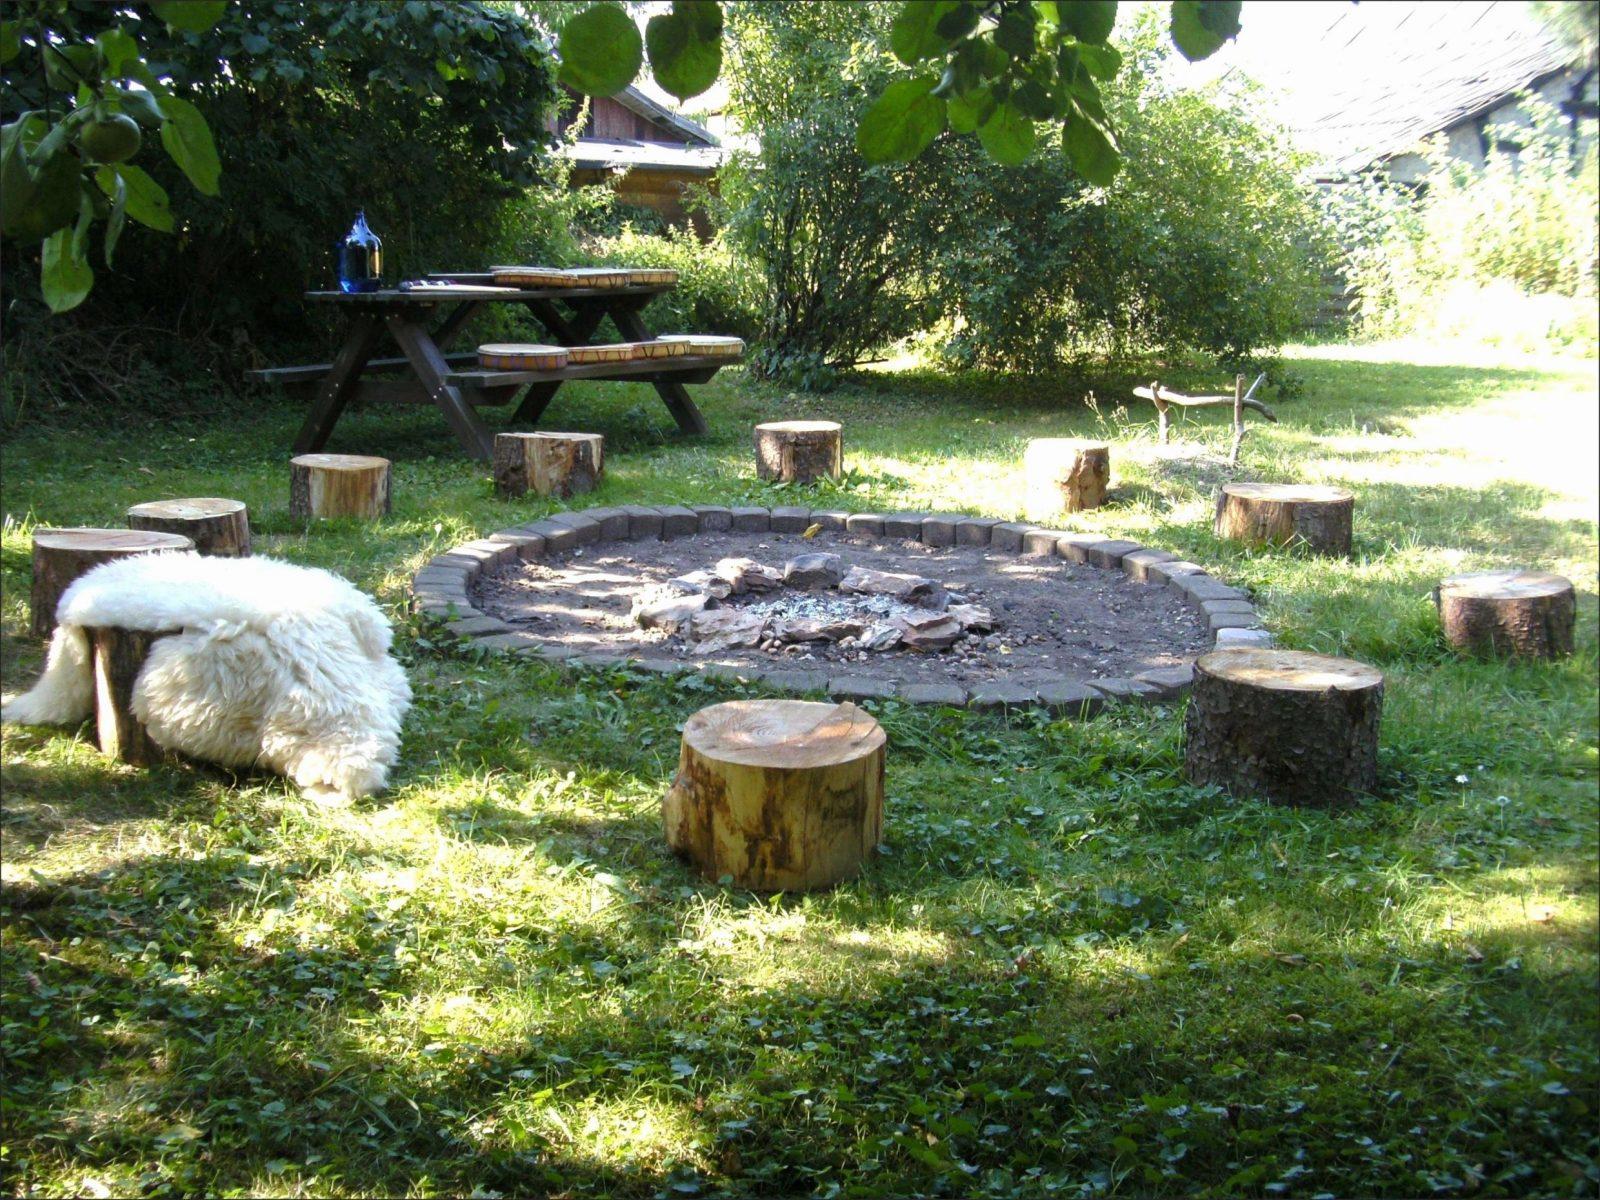 Springbrunnen Garten Selber Bauen Frisch Die Meisten Schön von Springbrunnen Garten Selber Bauen Photo